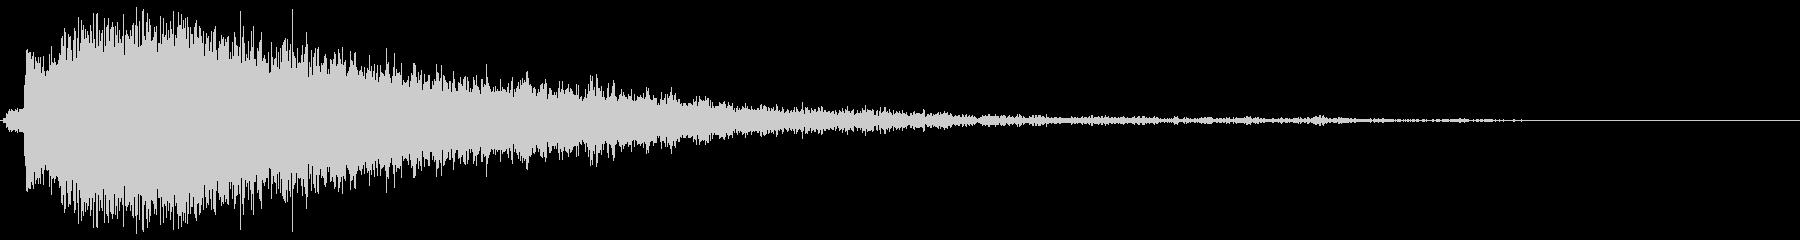 ショックファイア;警告音、ヘビーパ...の未再生の波形